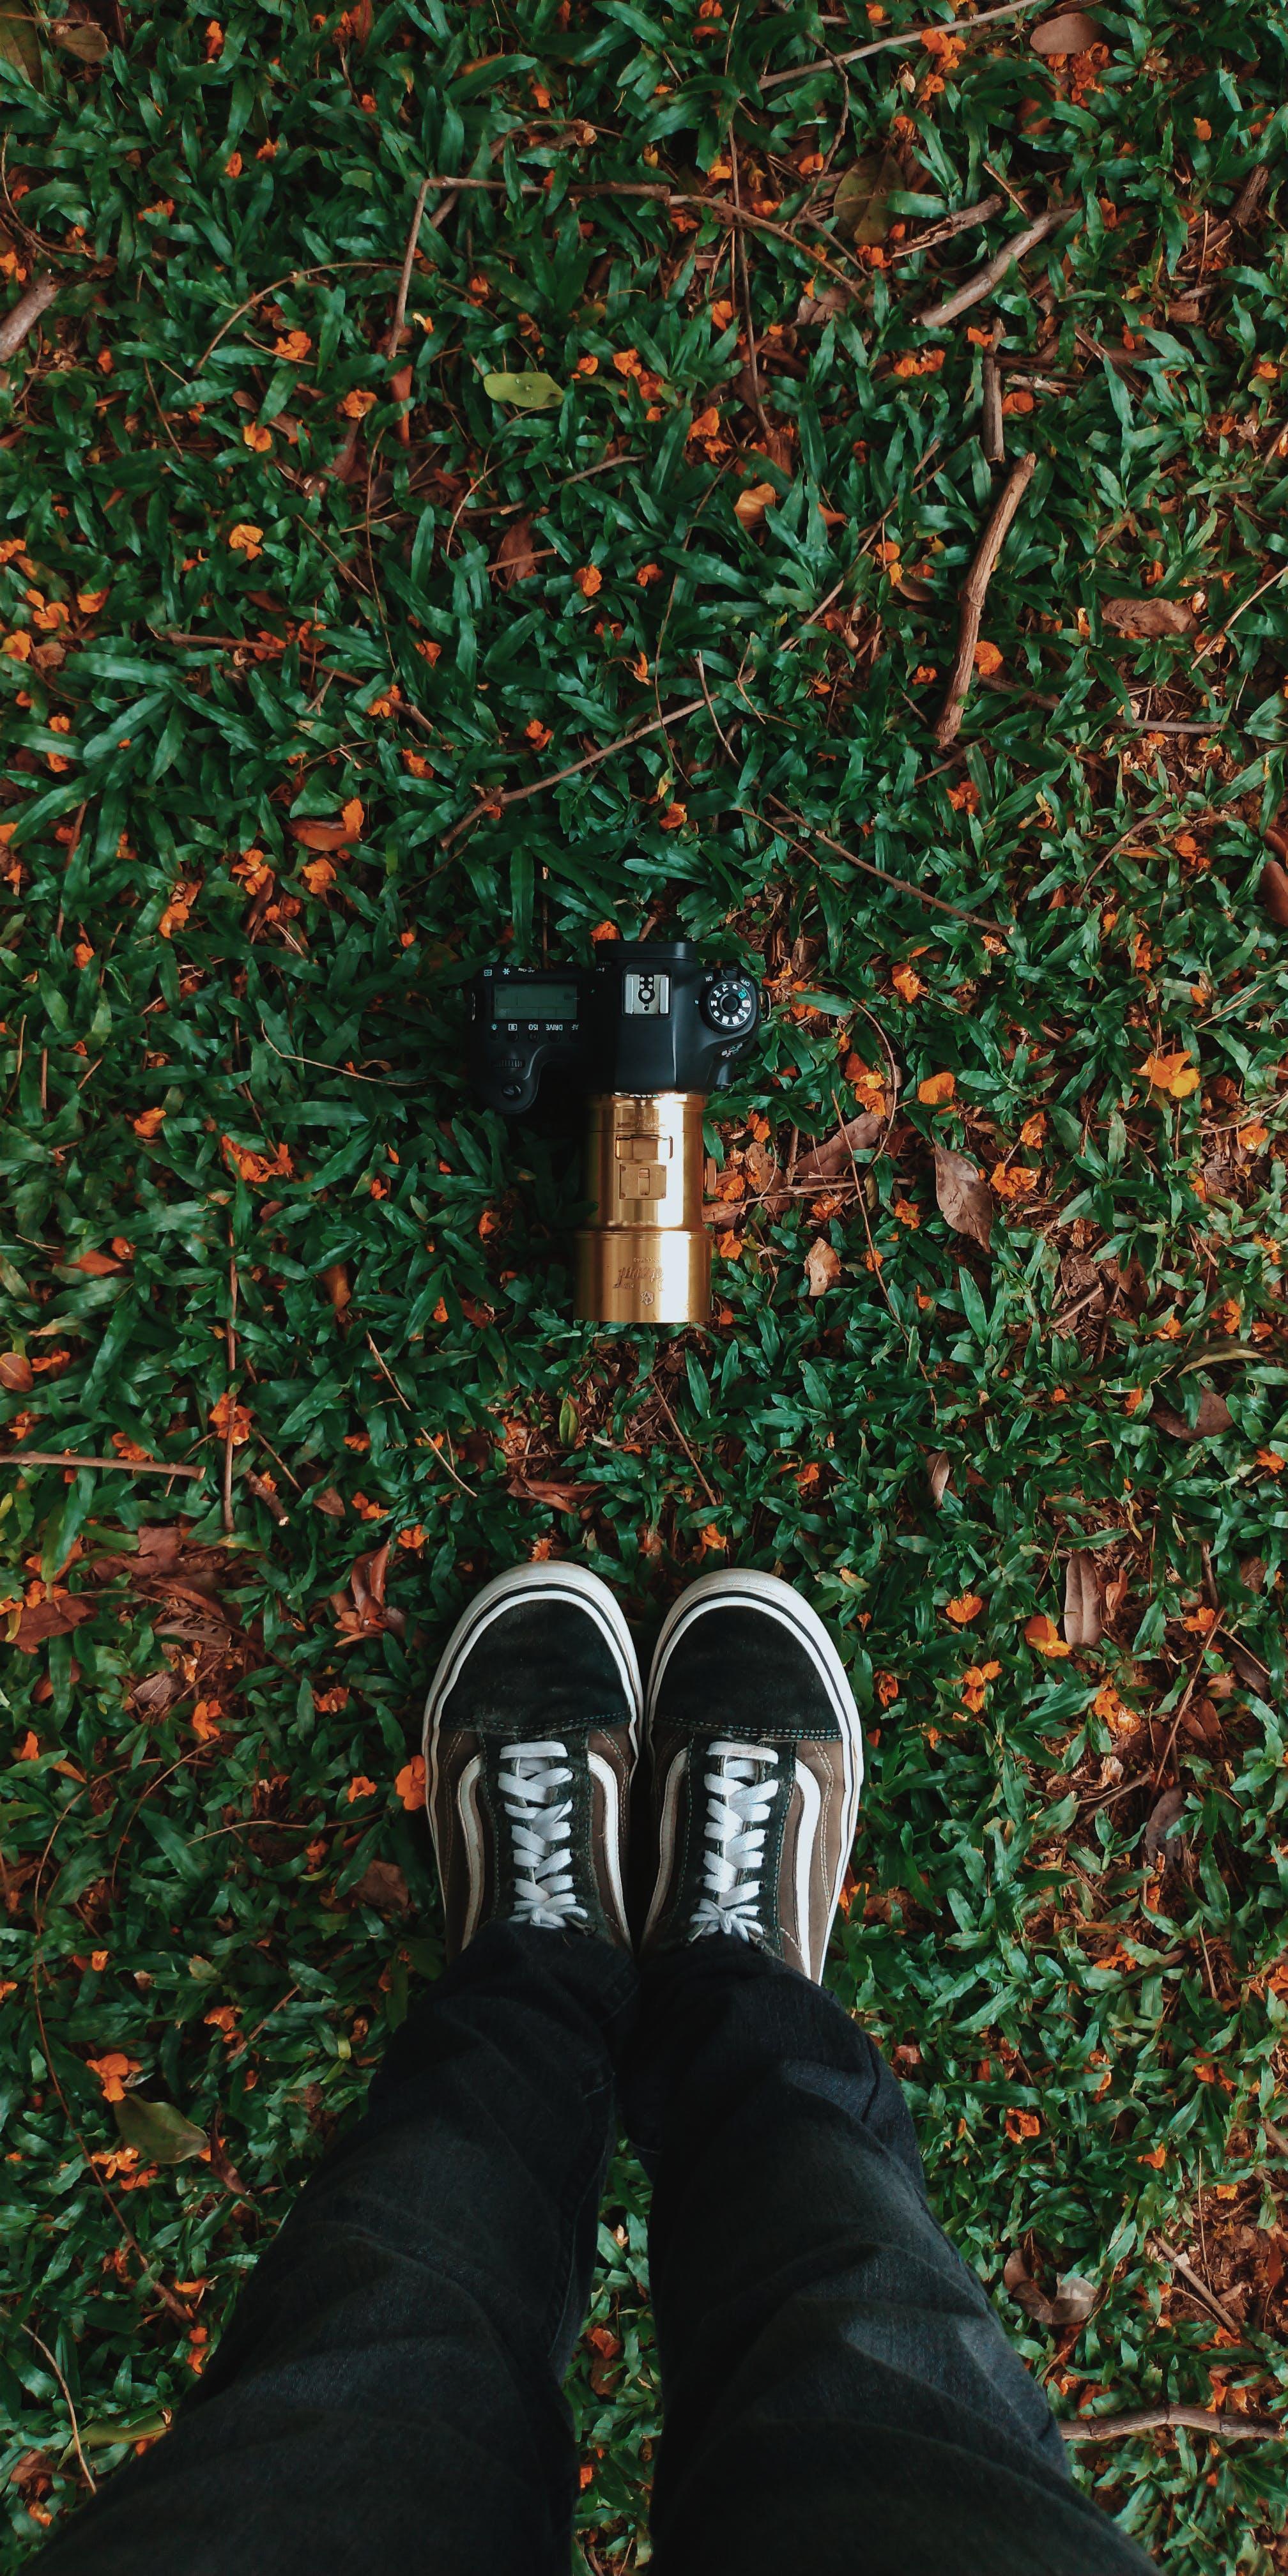 Camera Near Feet